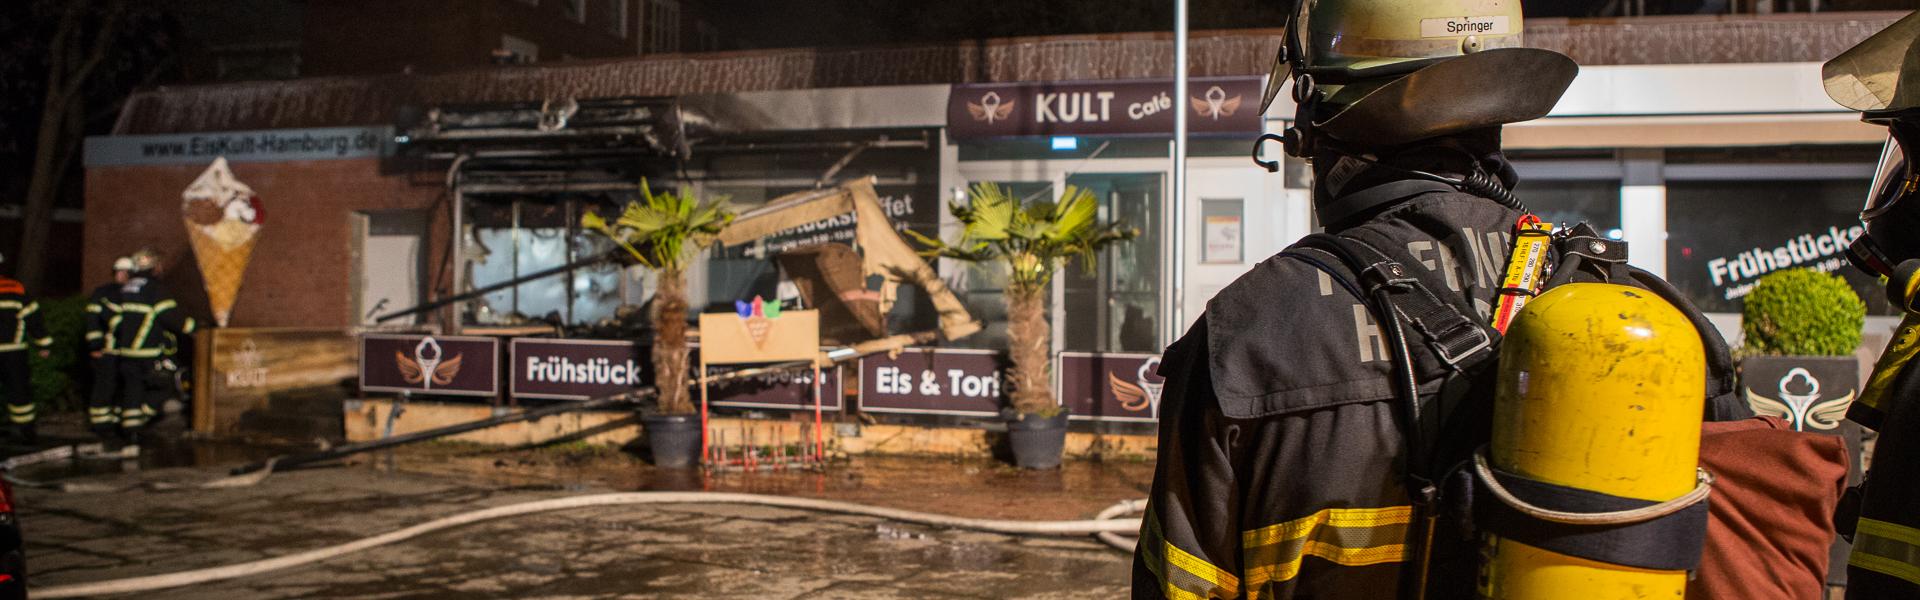 22.04.2017 – Mehrere Brandstiftungen halten Feuerwehr in Atem